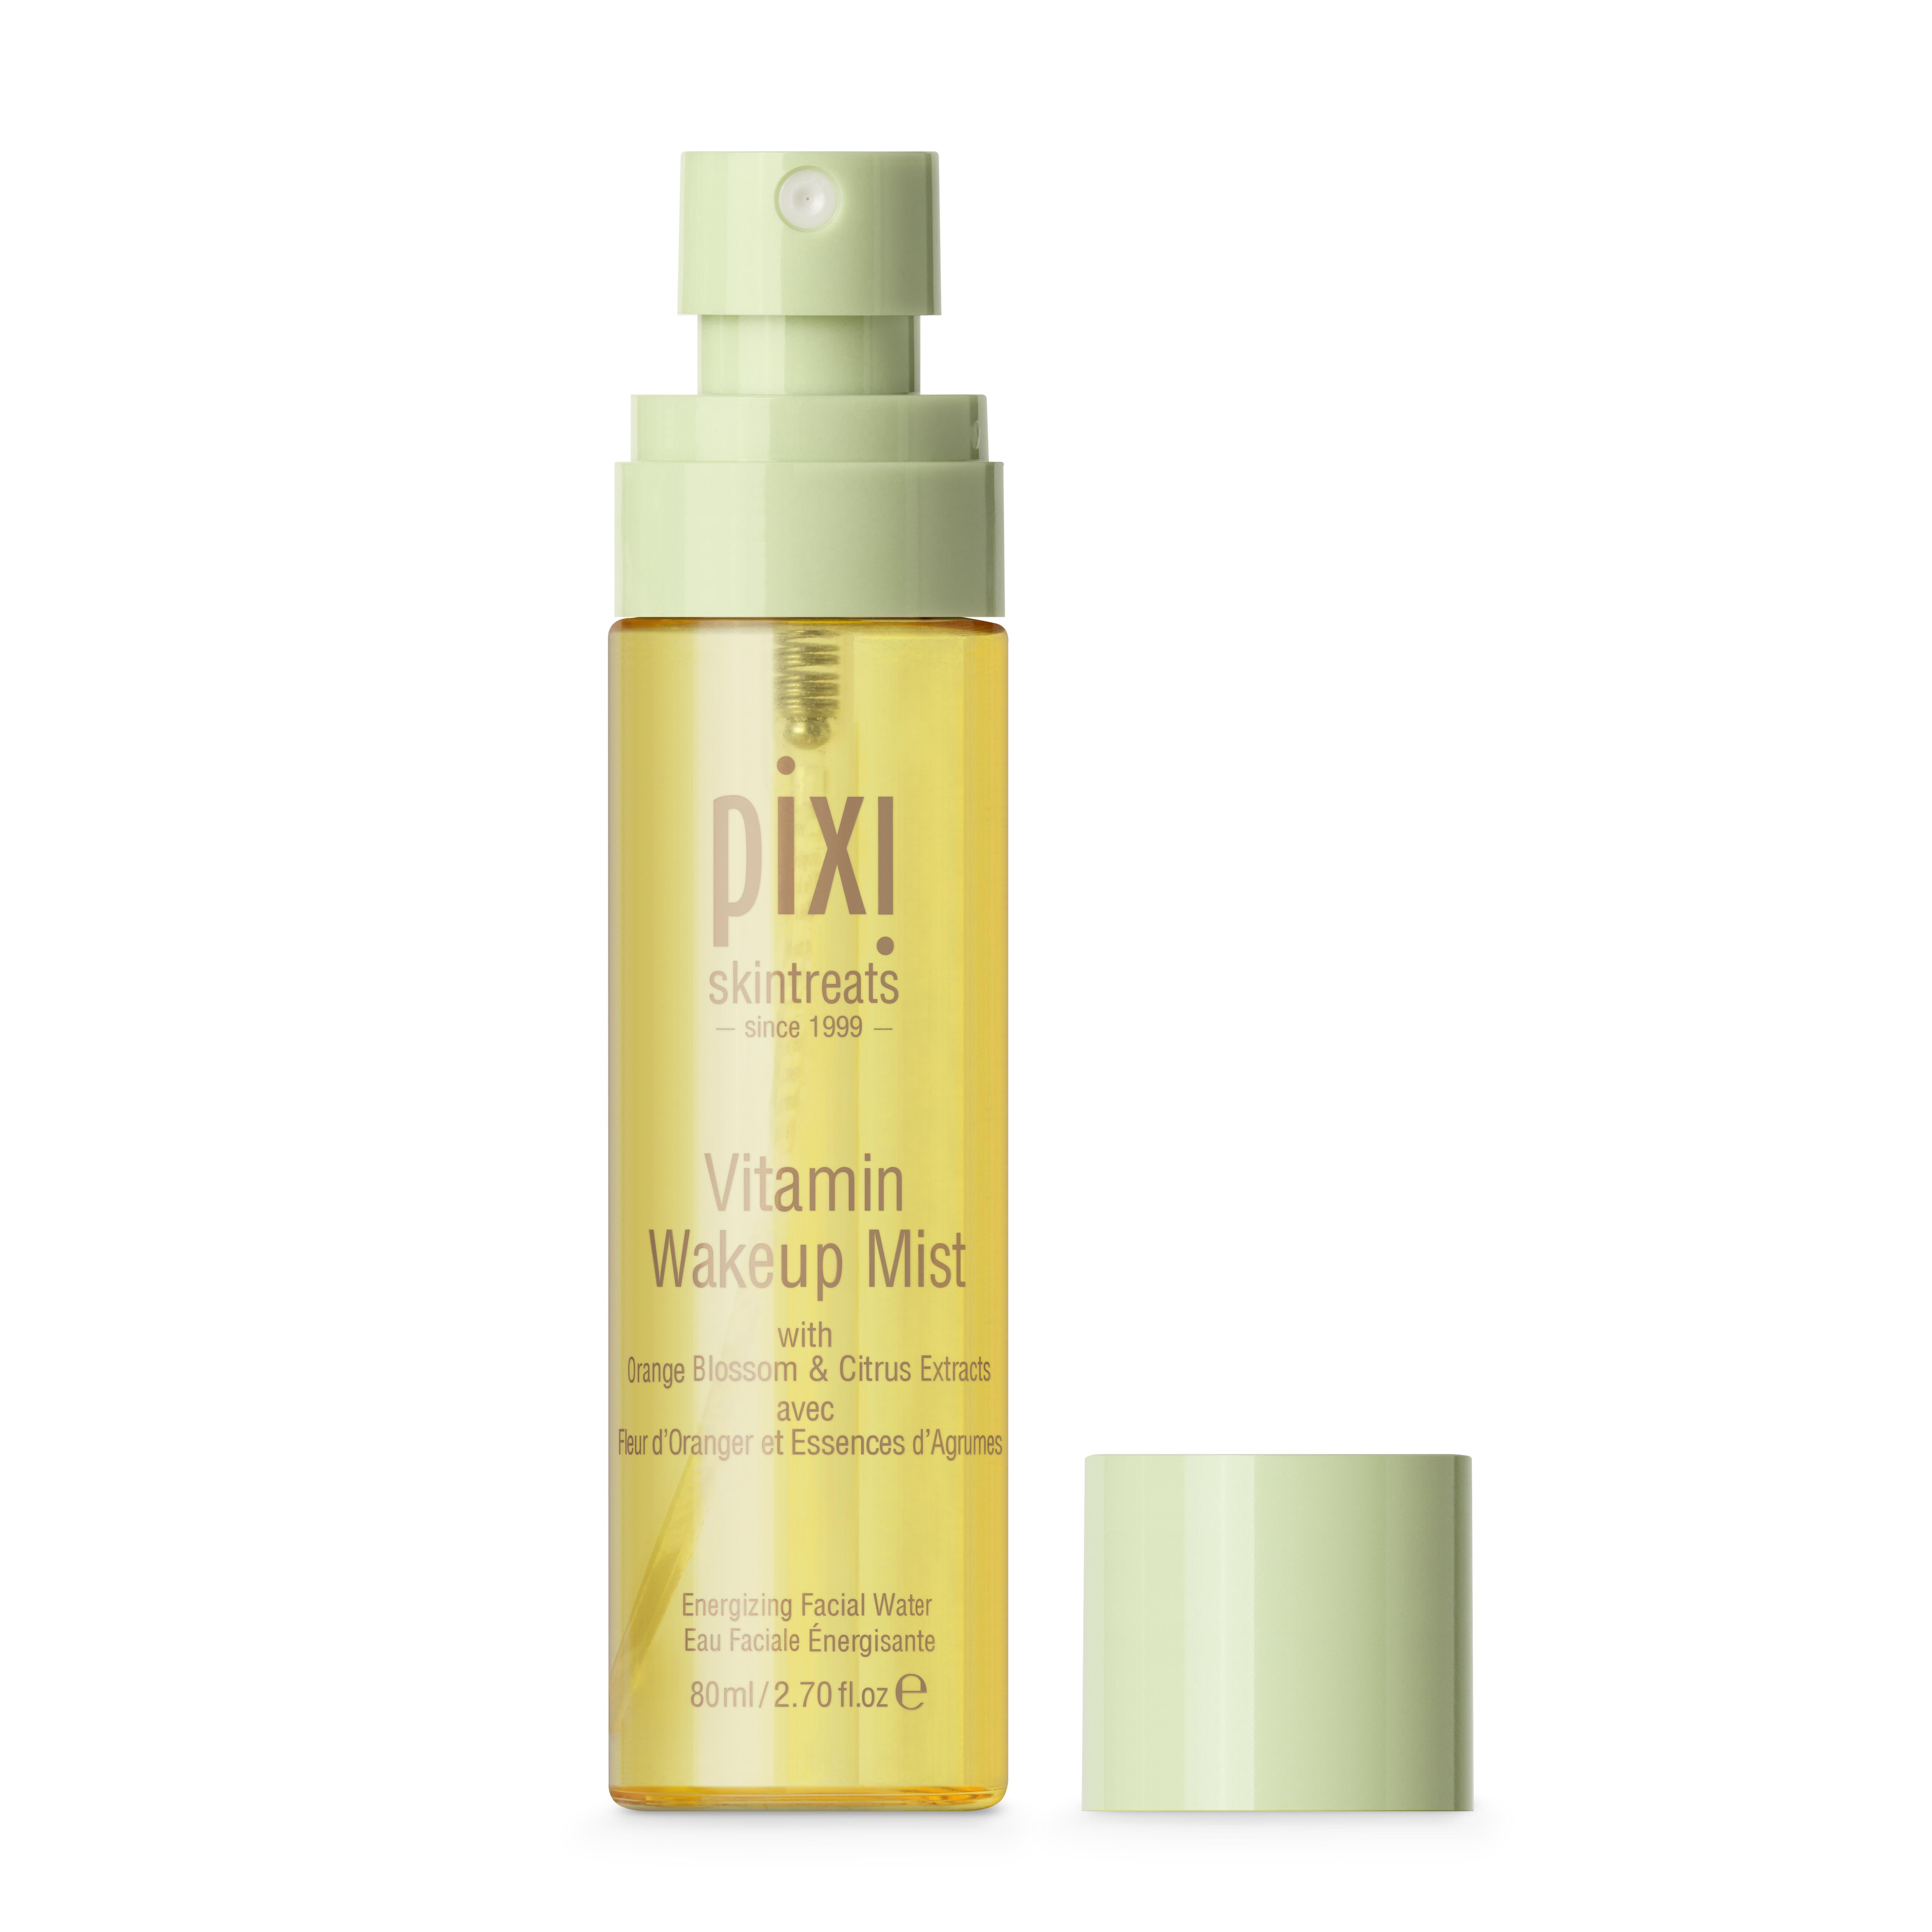 Vitamin Wakeup Mist Facial Toner